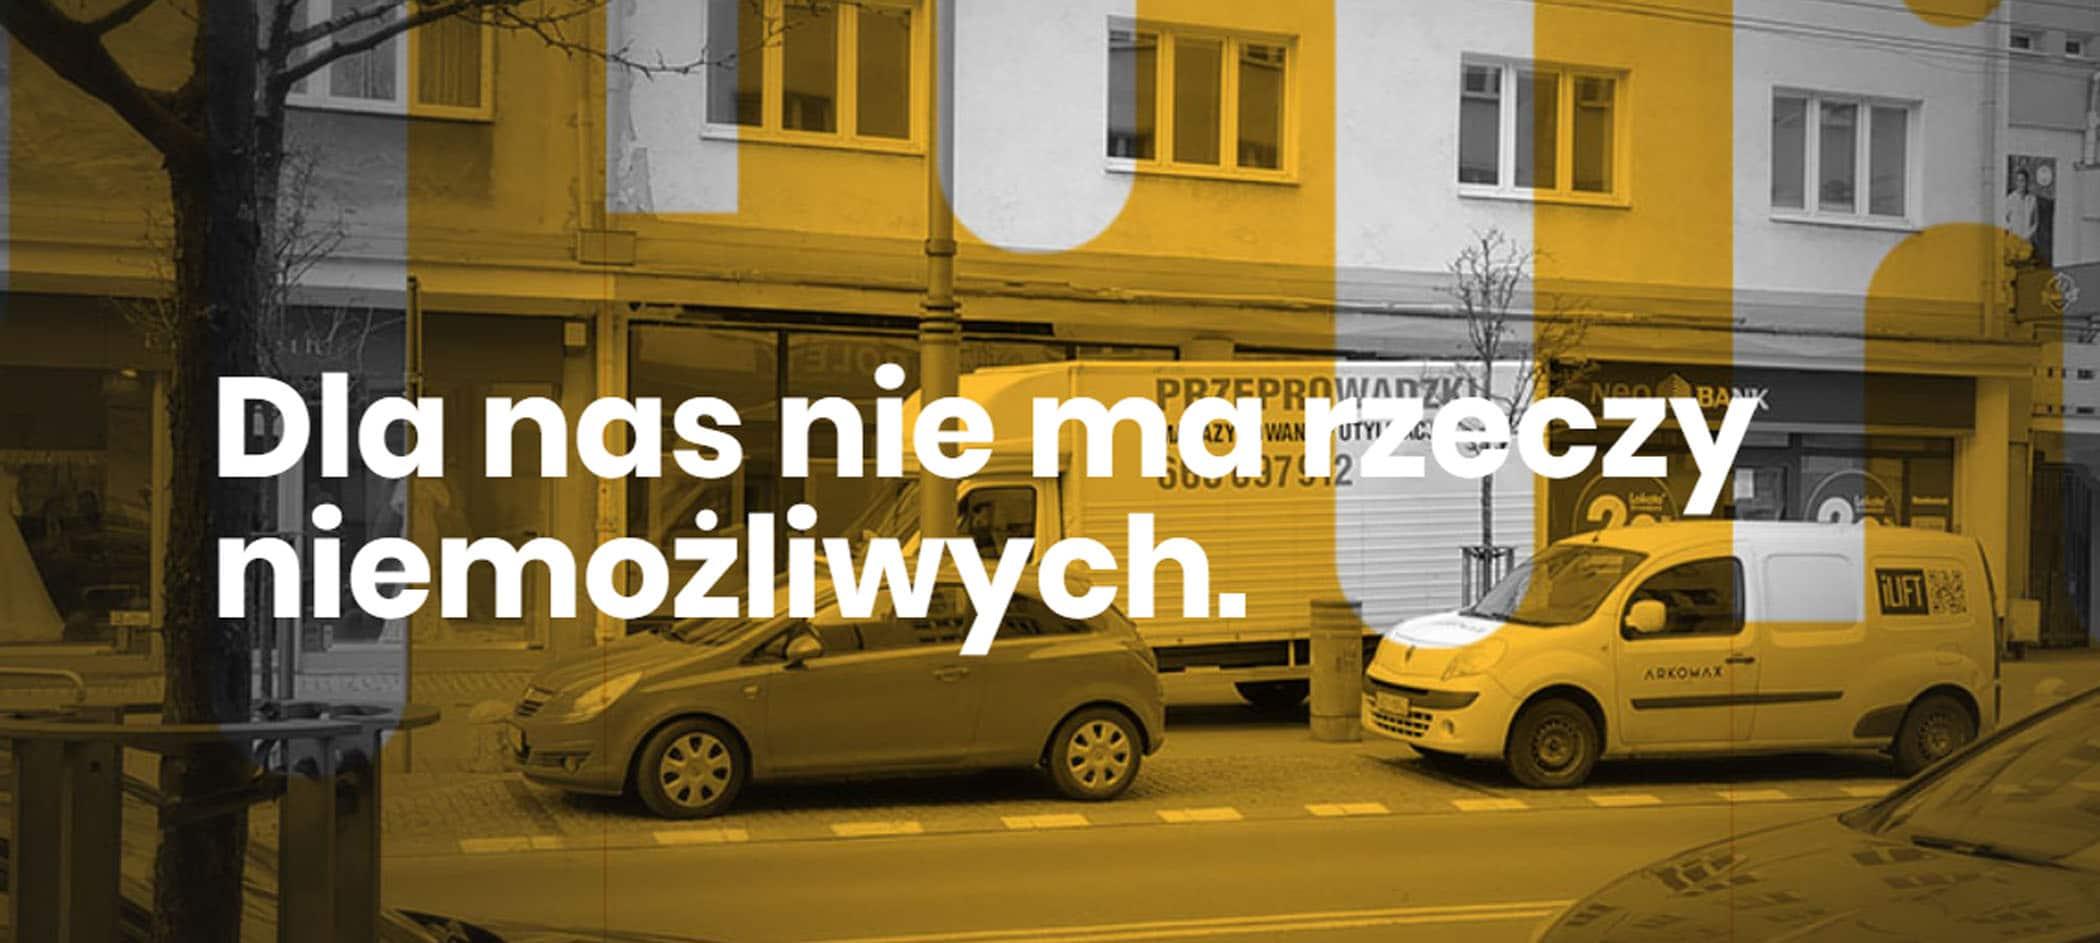 strony www Gdynia, pozycjonowanie stron